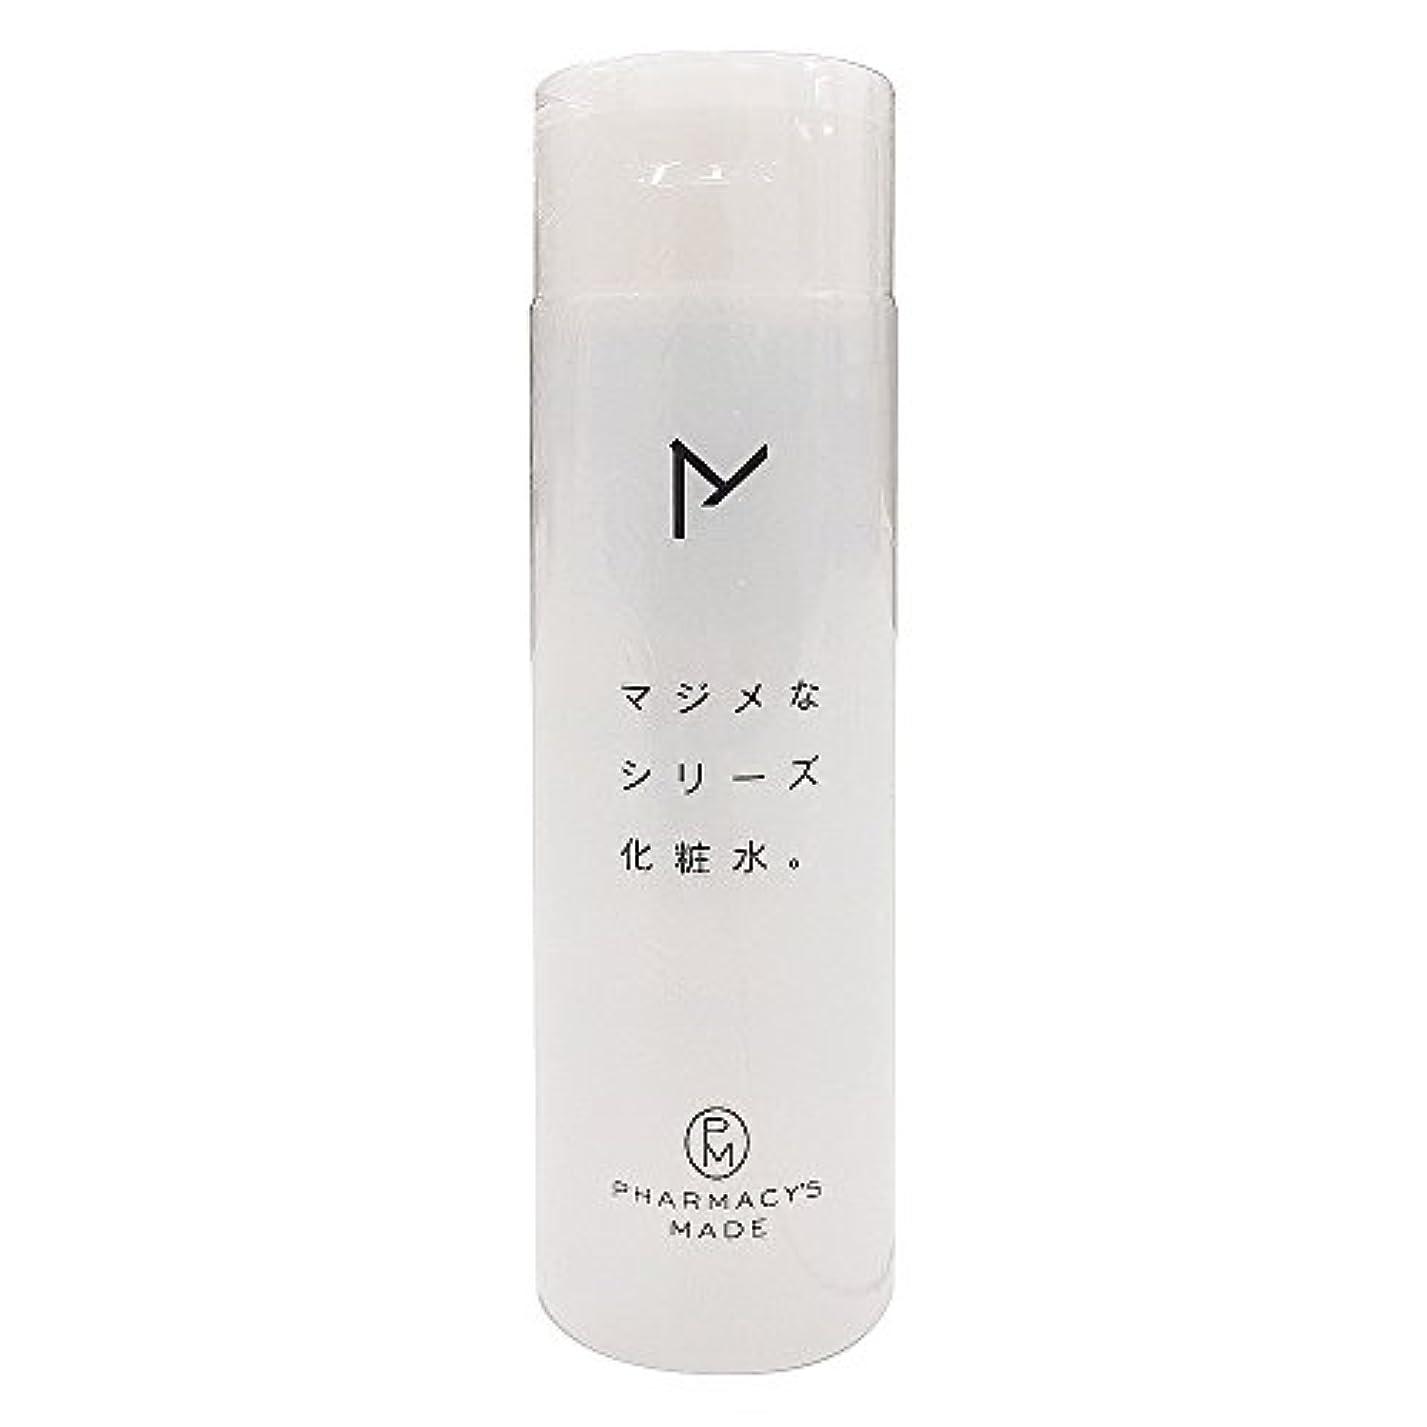 ロープ良さ動詞水橋保寿堂製薬 マジメなシリーズ化粧水。 200ml